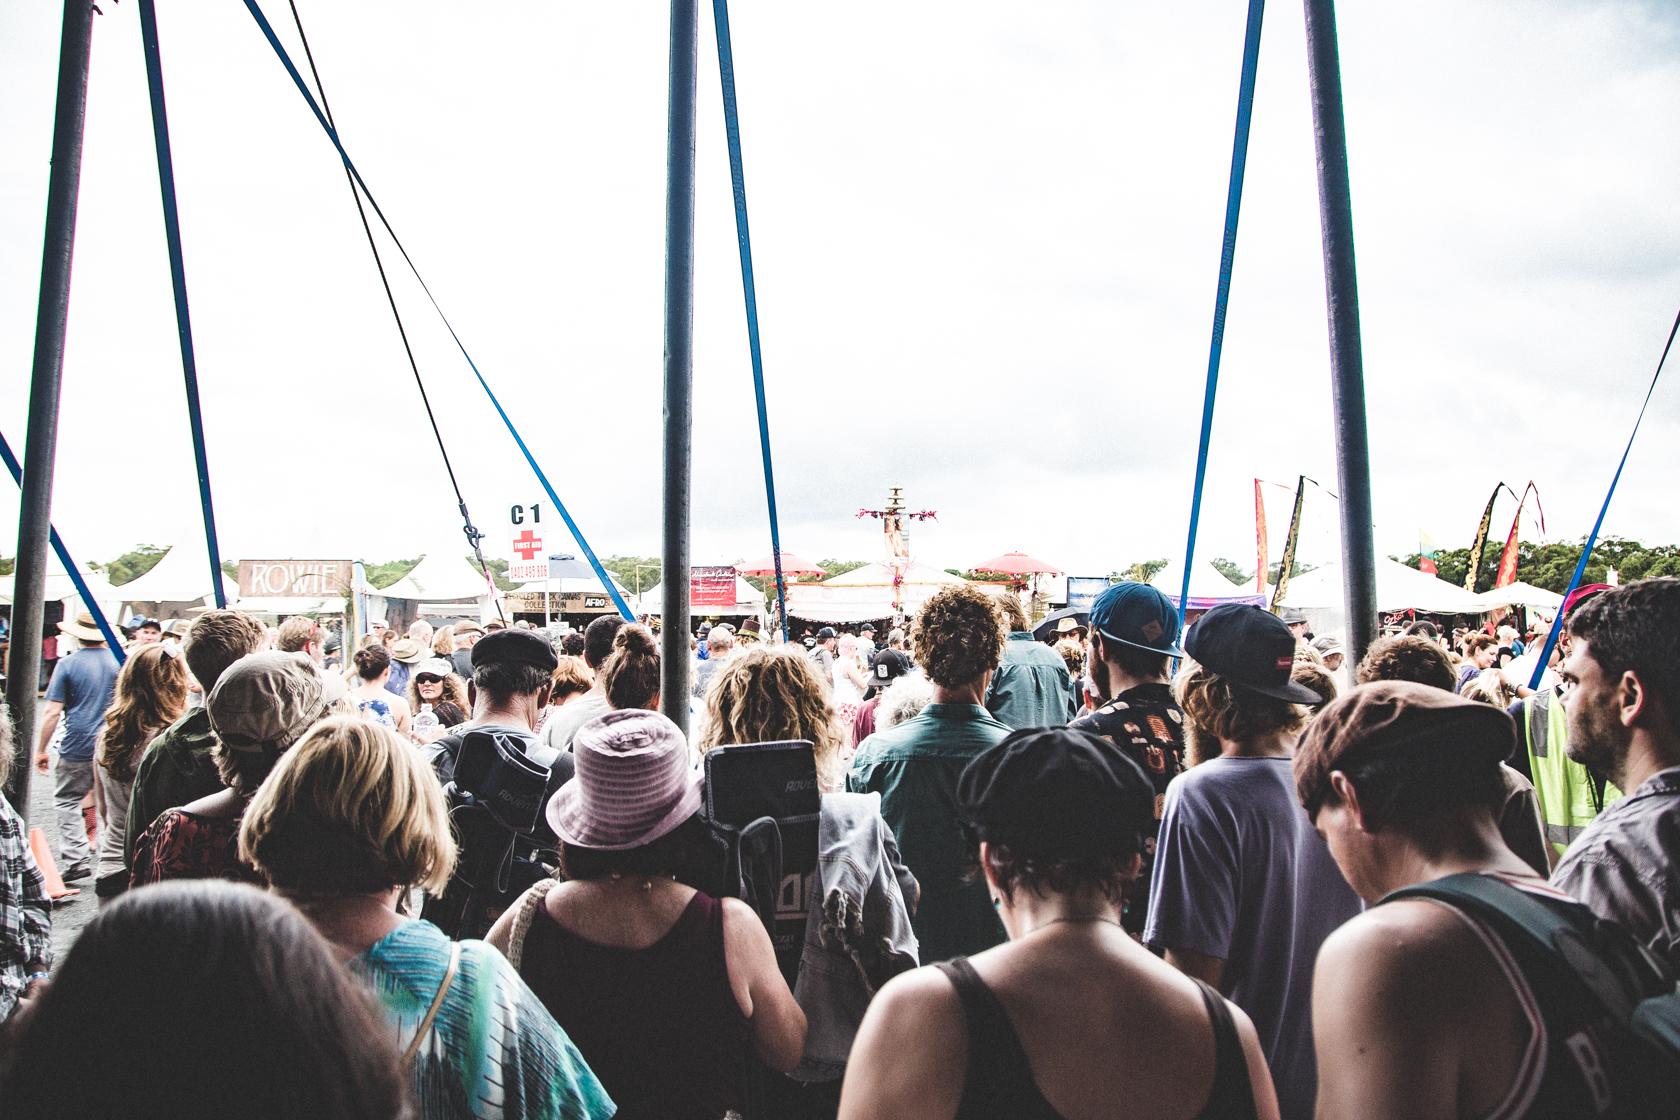 Bluesfest04 - rcstills.com-5.jpg